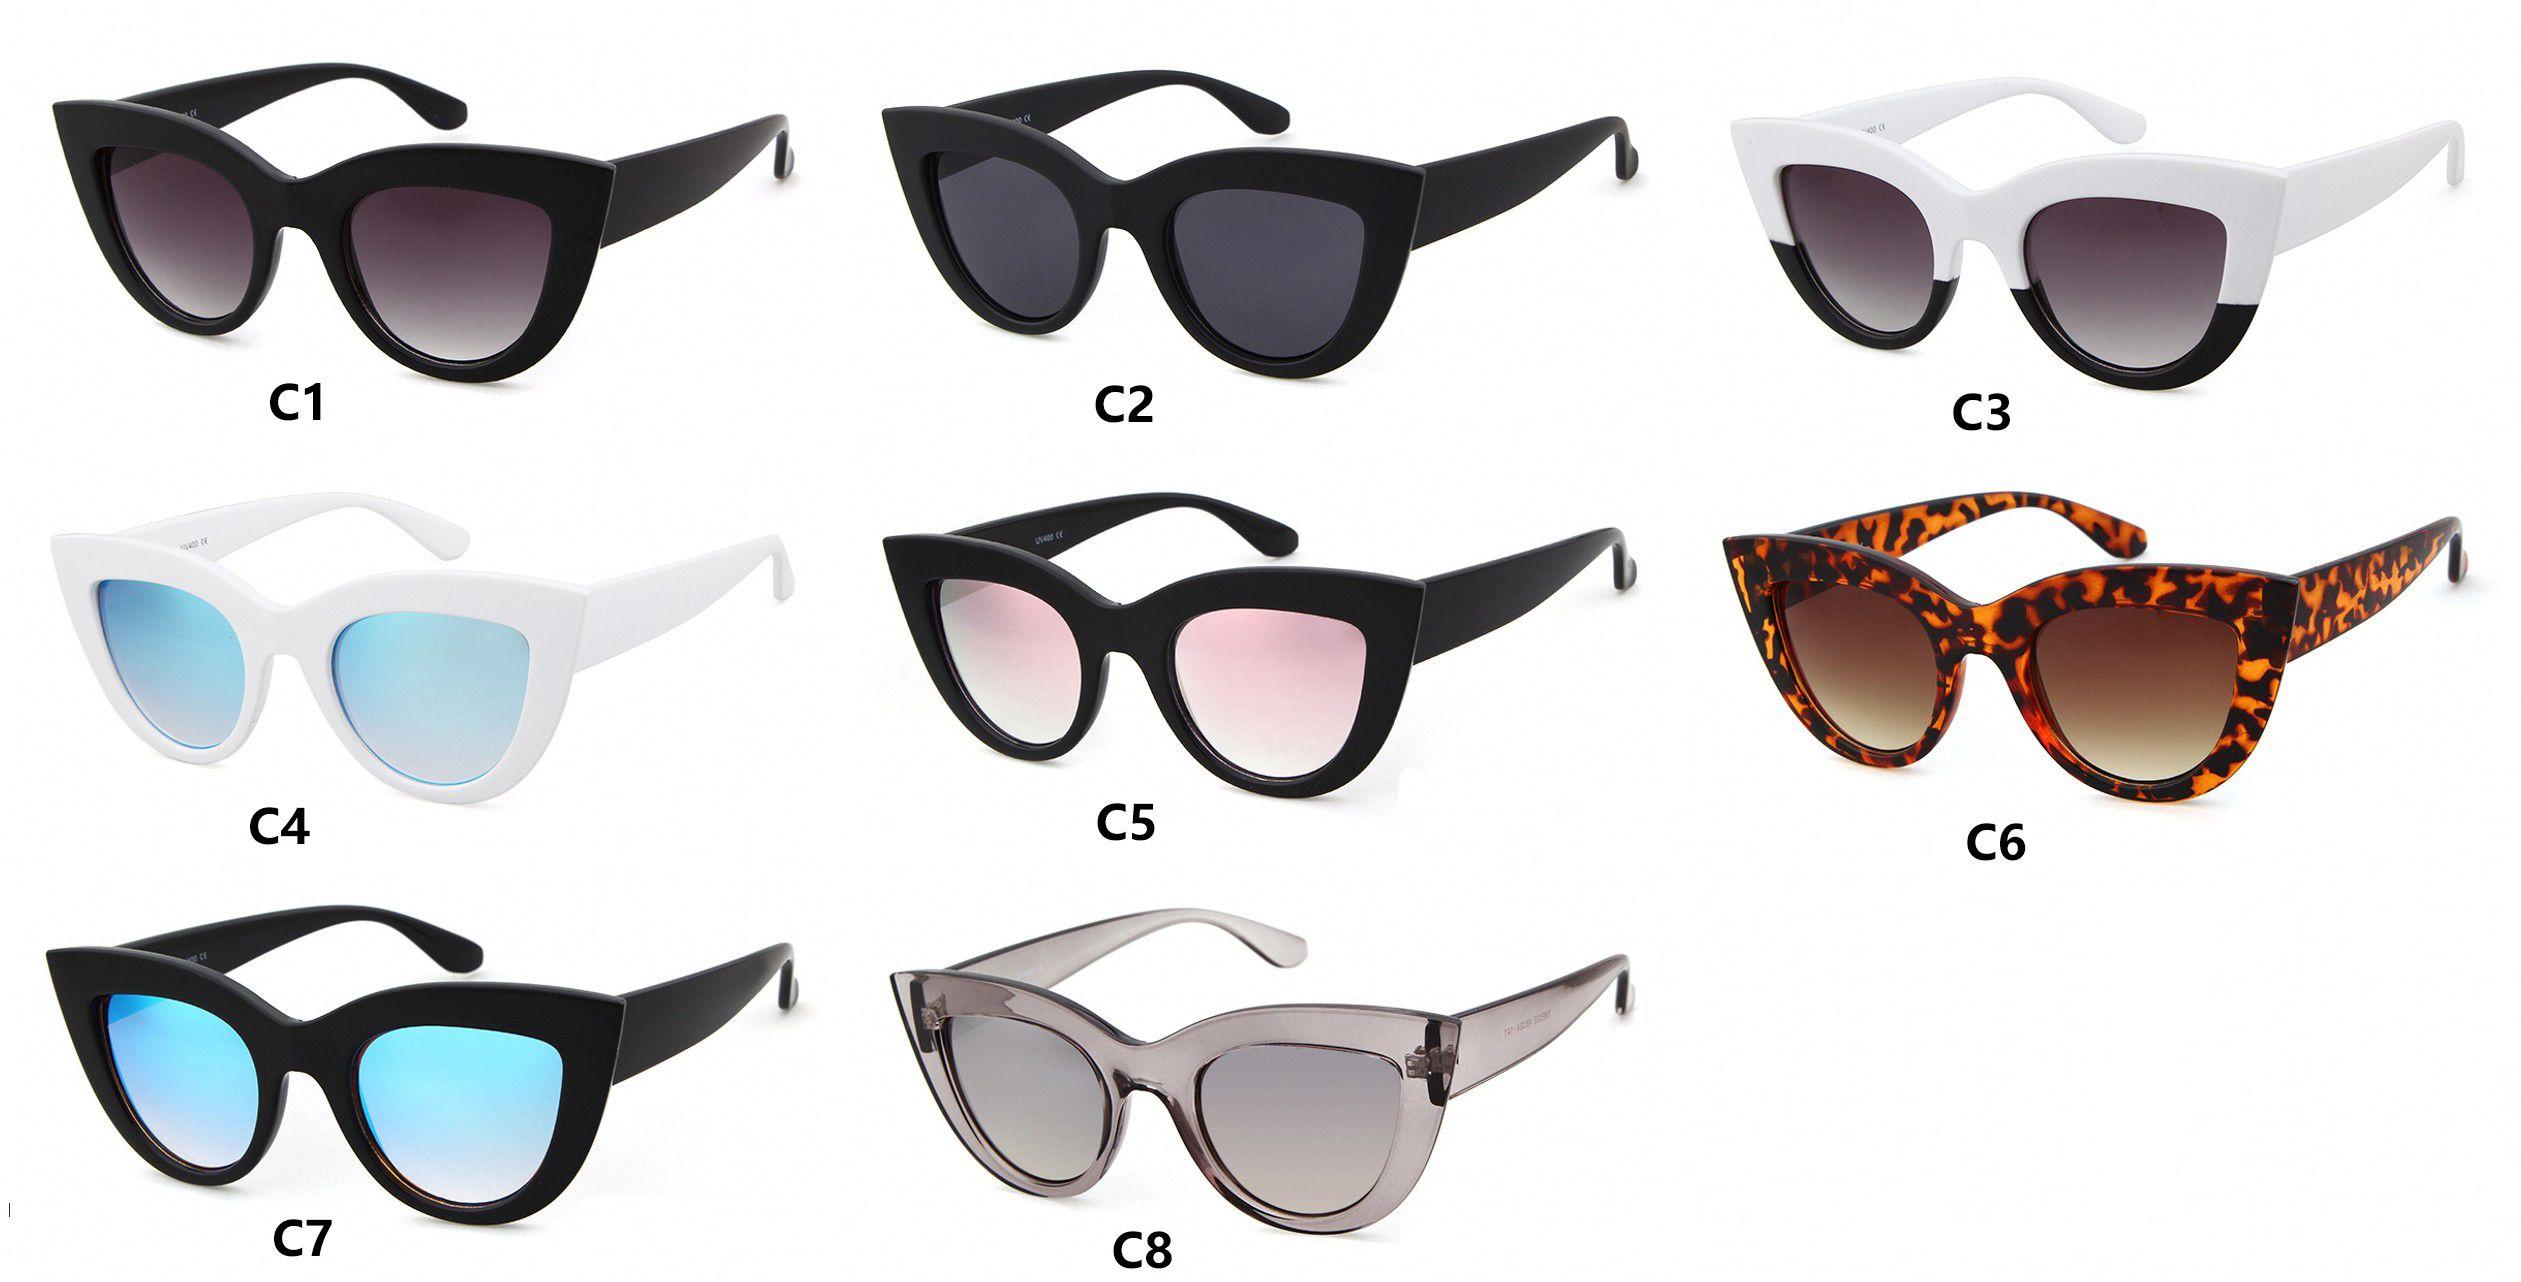 Mat siyah kedi gözü pembe güneş gözlüğü kadın popüler marka ayna kaplama gül altın asetat çerçeve güneş gözlüğü tasarım 2017 moda shades gafas